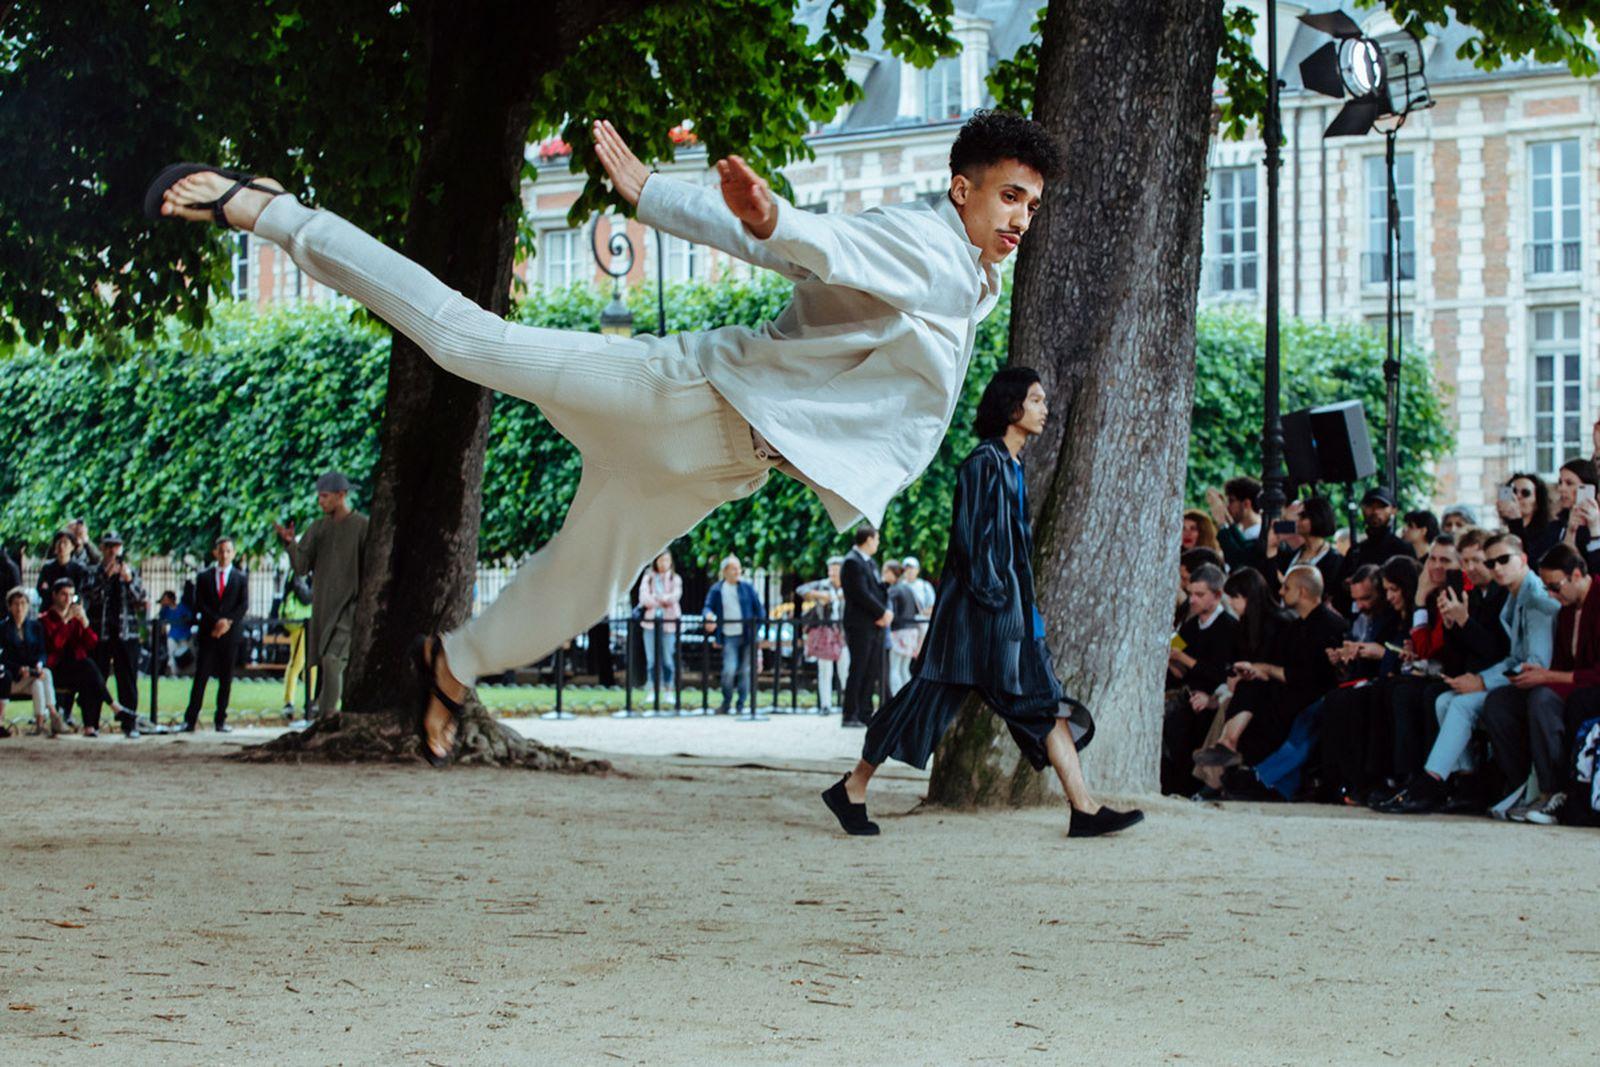 MSS20 Paris IsseyMiyake JulienTell ForWeb 07 Issey Miyake HOMME PLISSÉ paris fashion week runway